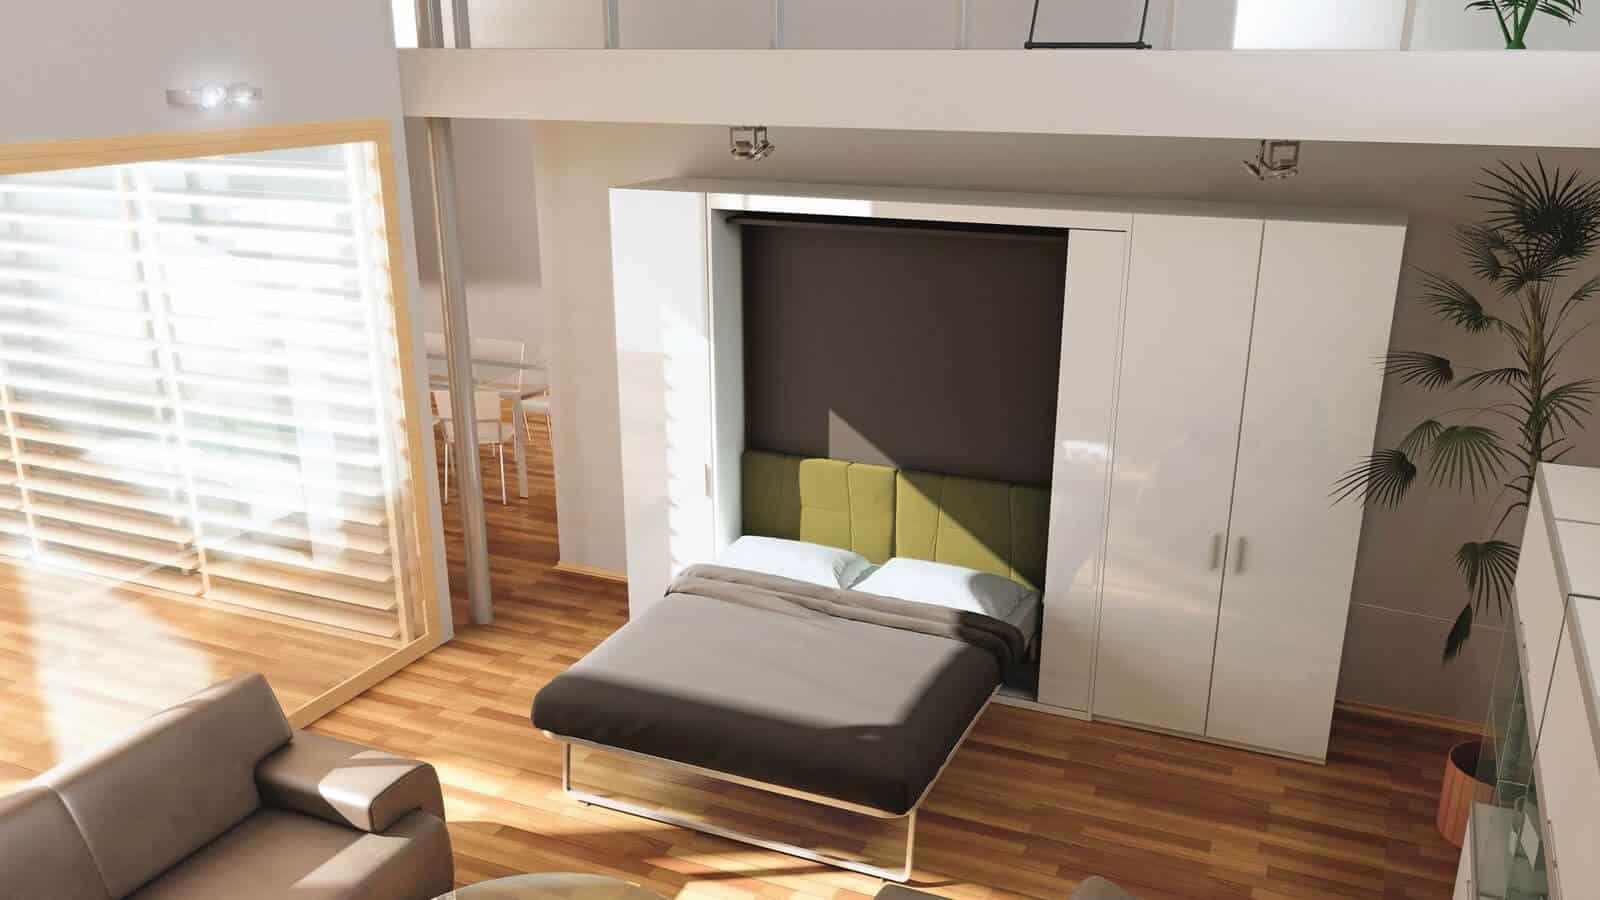 Tv Escamotable Lit lit escamotable bibliothèque | gain de place | optimal annecy